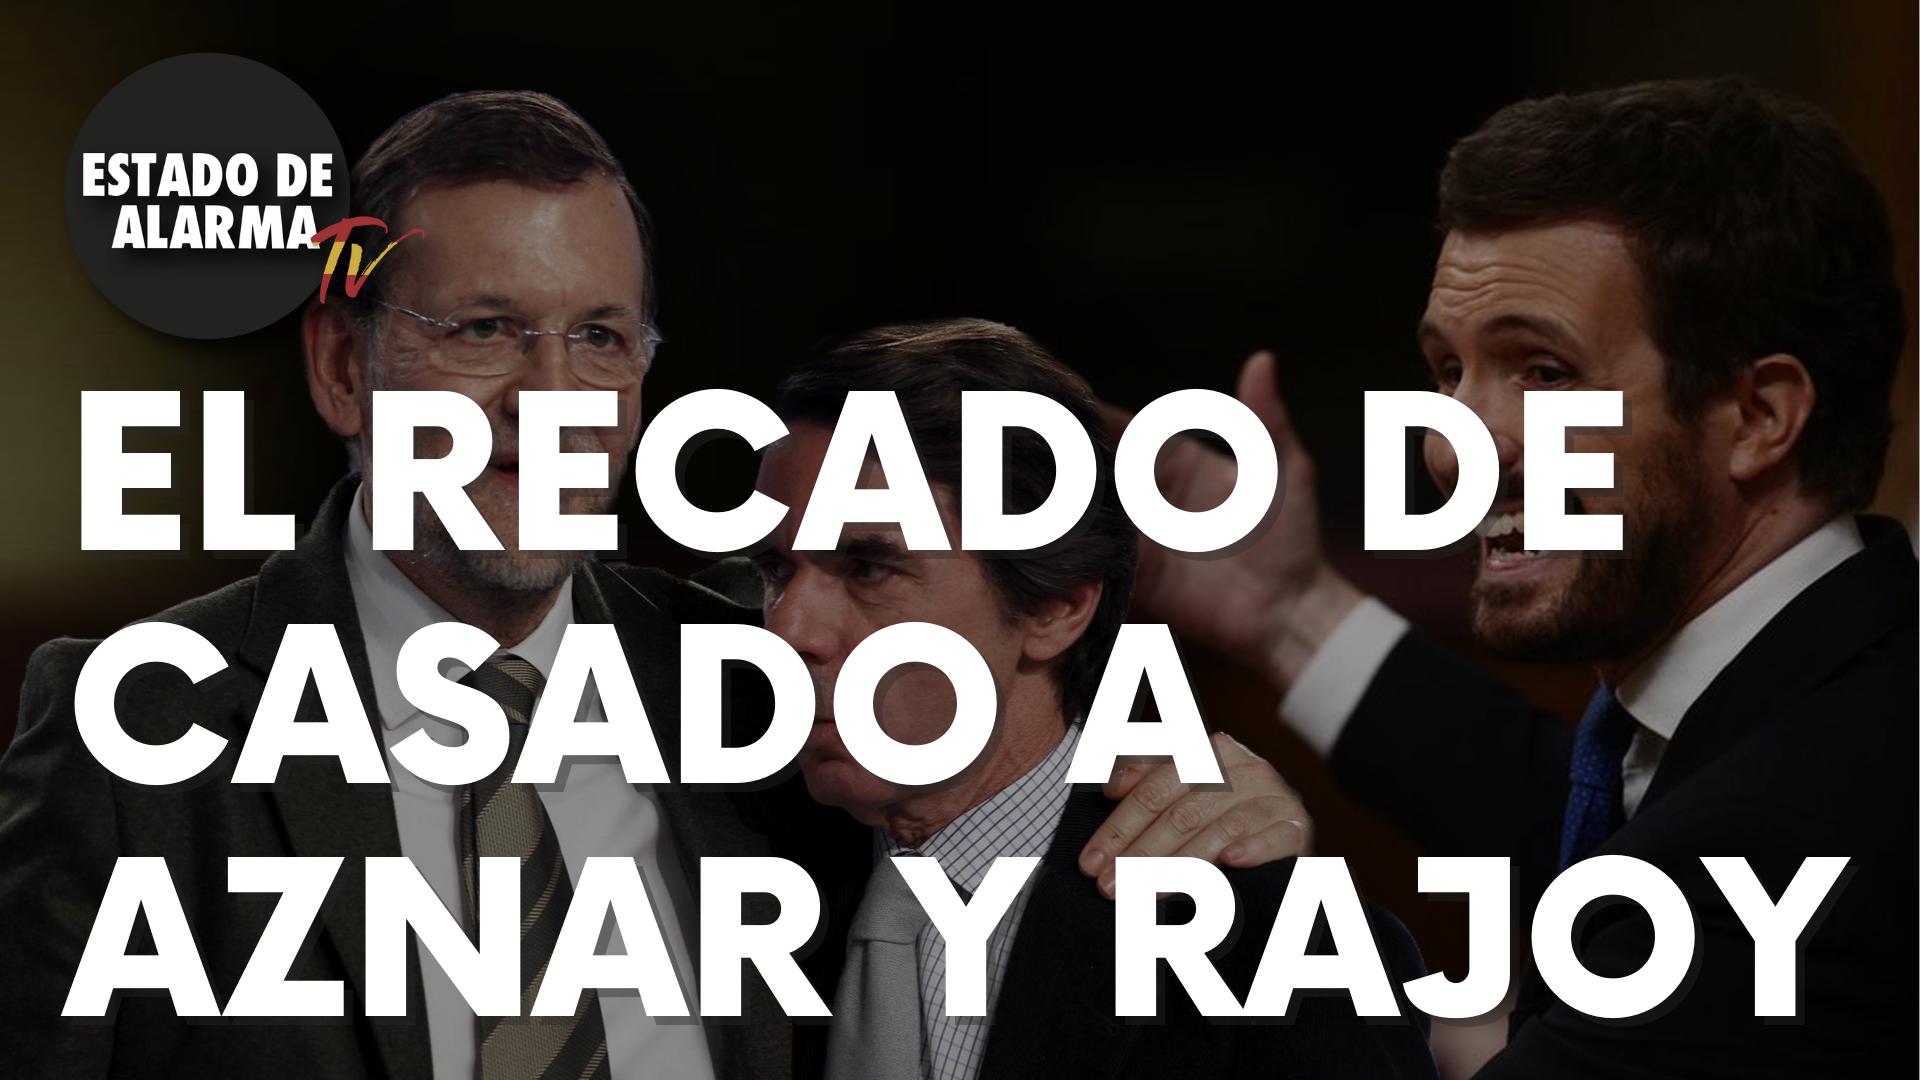 El recado de Casado a Aznar y Rajoy